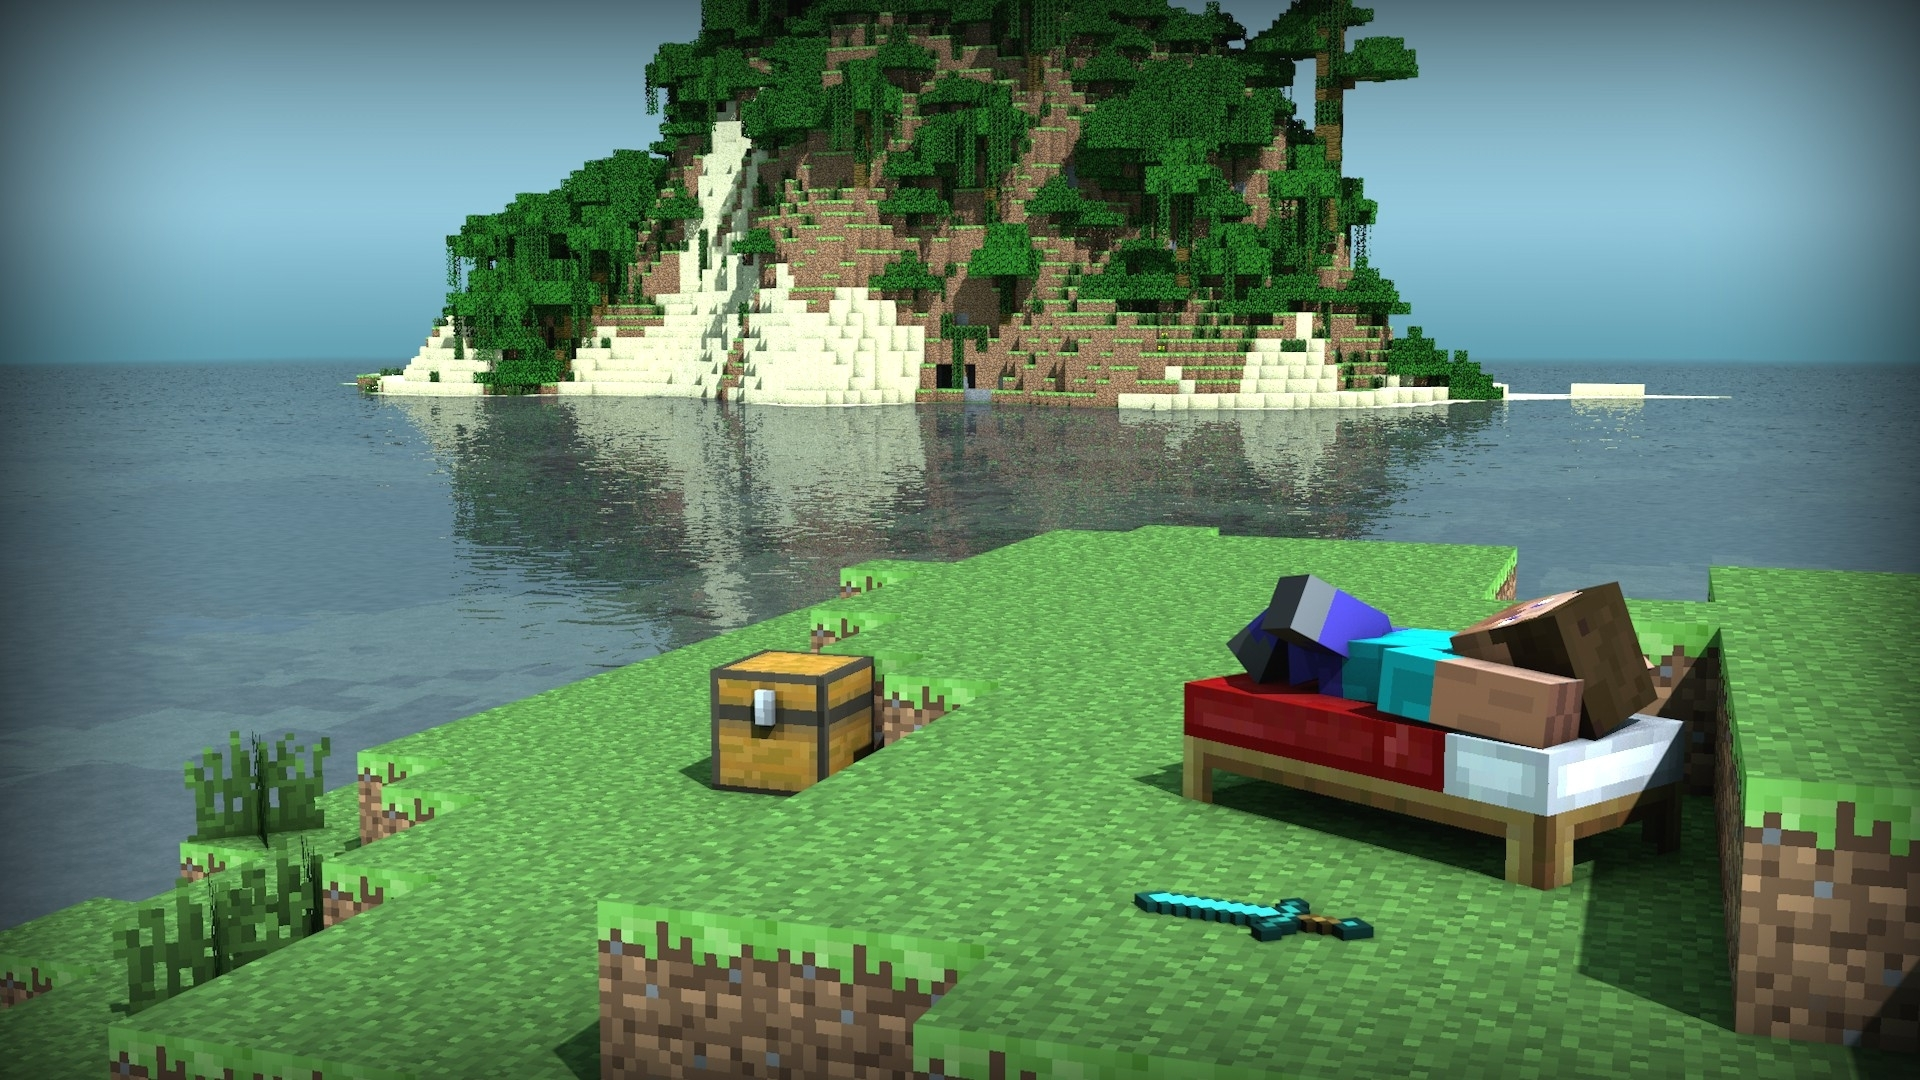 fond ecran minecraft hd avec wallpaper wiki photos hd minecraft